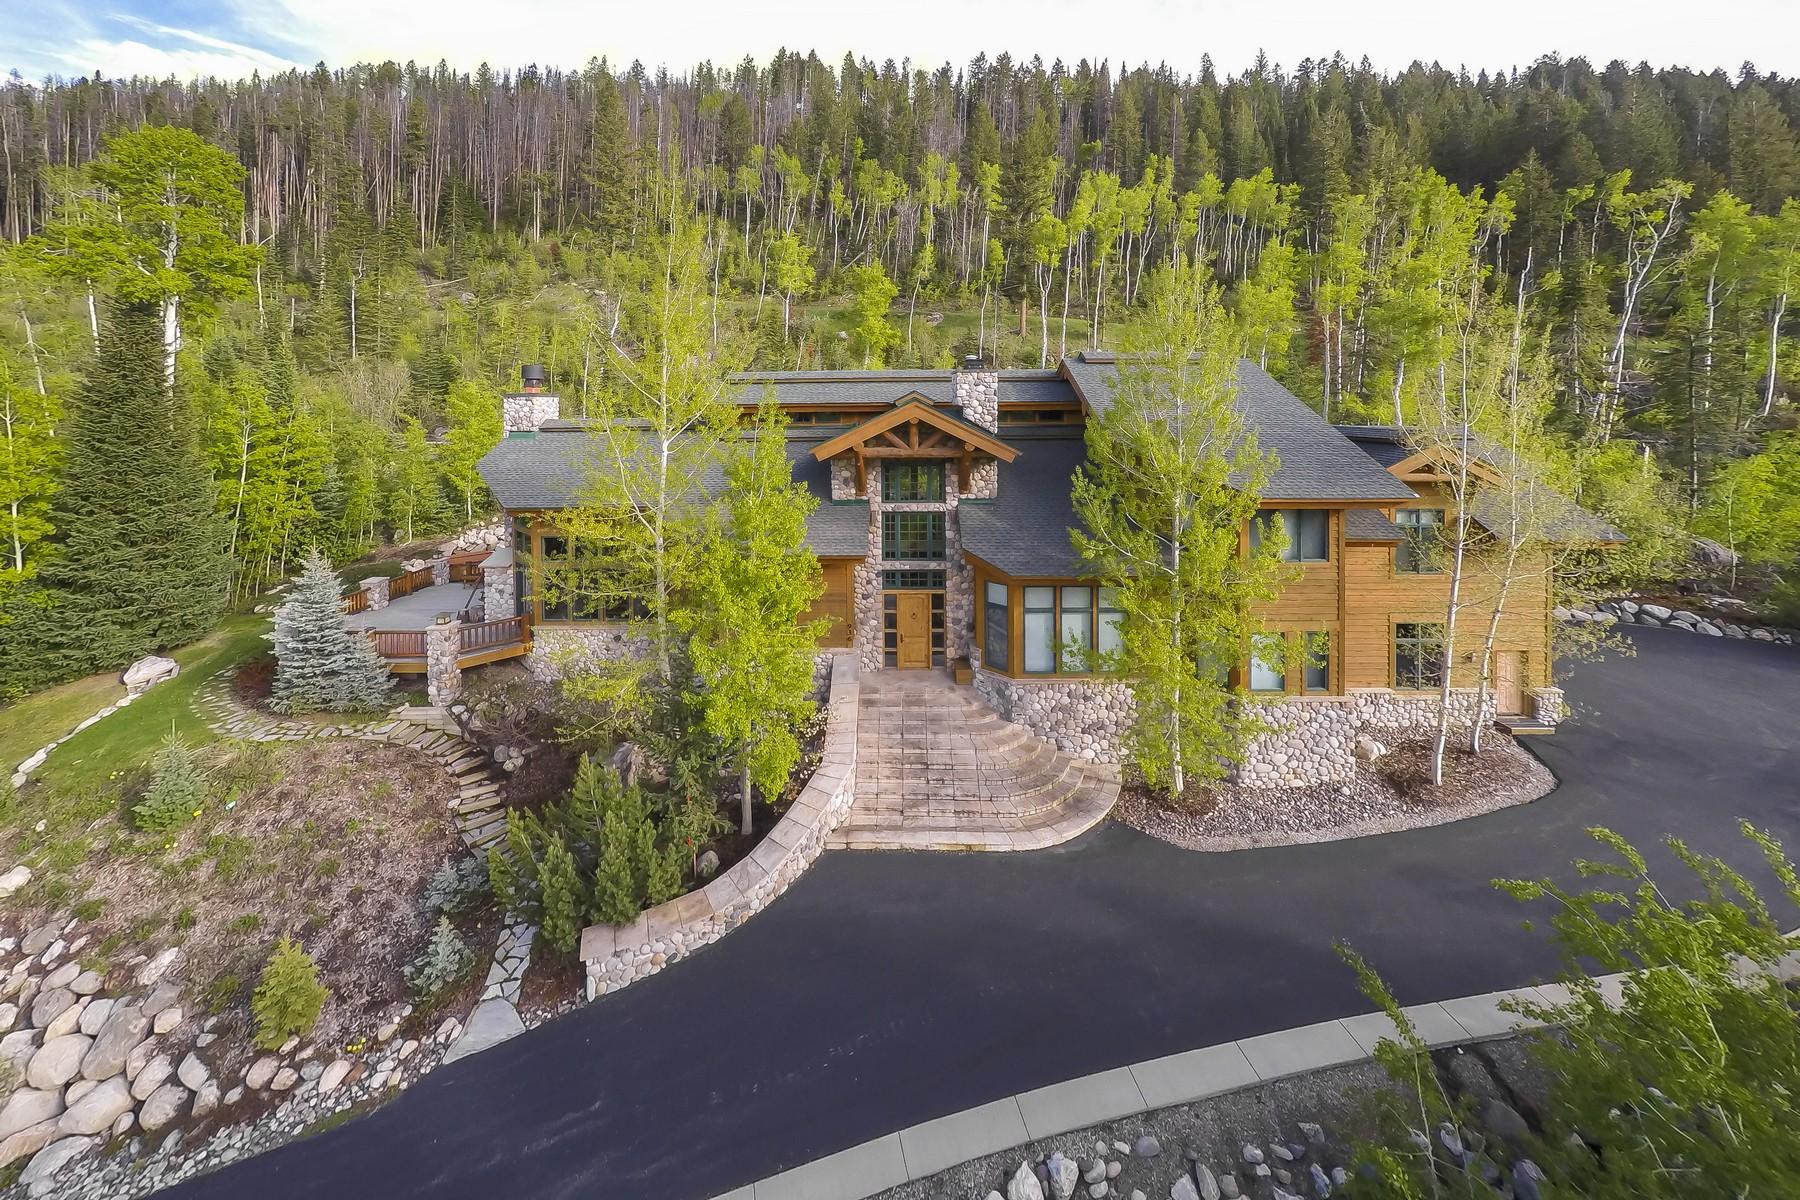 Maison unifamiliale pour l Vente à The Sanctuary 936 Steamboat Blvd. Steamboat Springs, Colorado, 80487 États-Unis